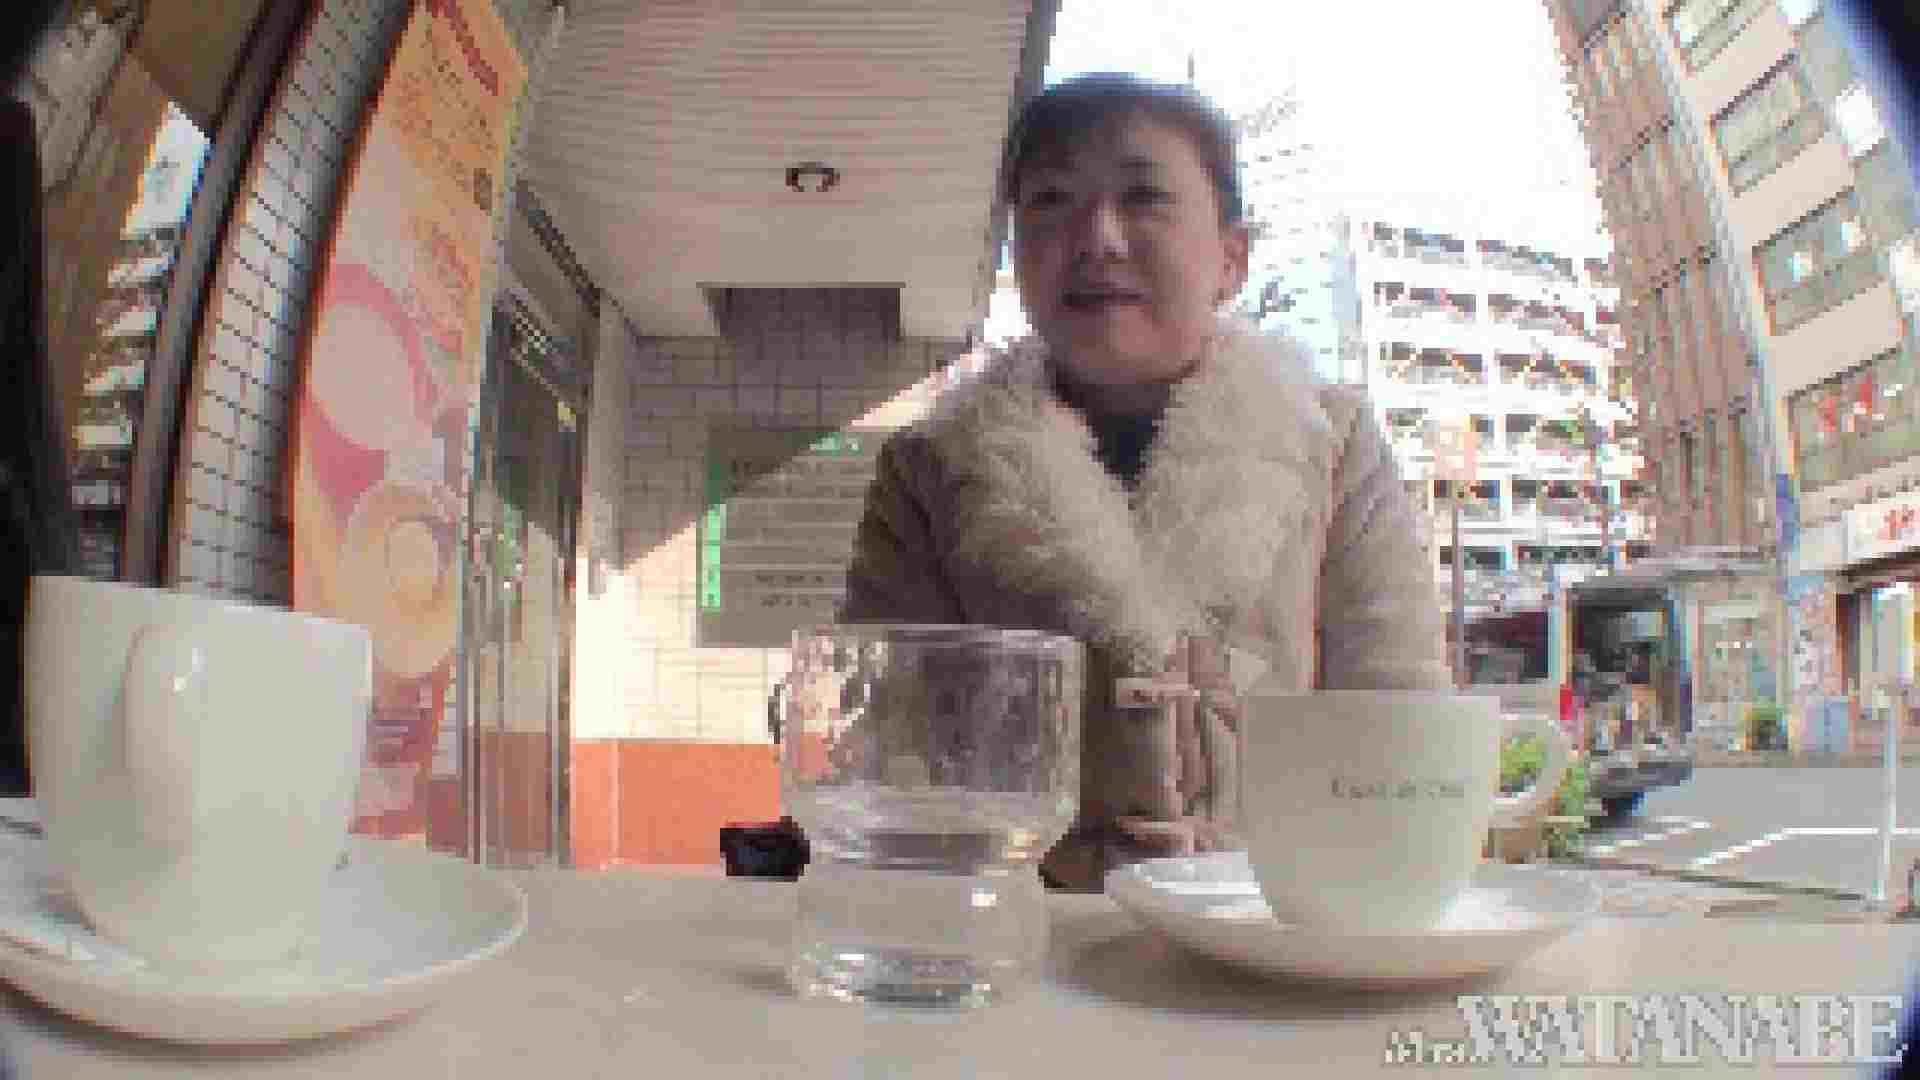 撮影スタッフを誘惑する痴熟女 かおり40歳 Vol.01 素人丸裸 戯れ無修正画像 105pic 2